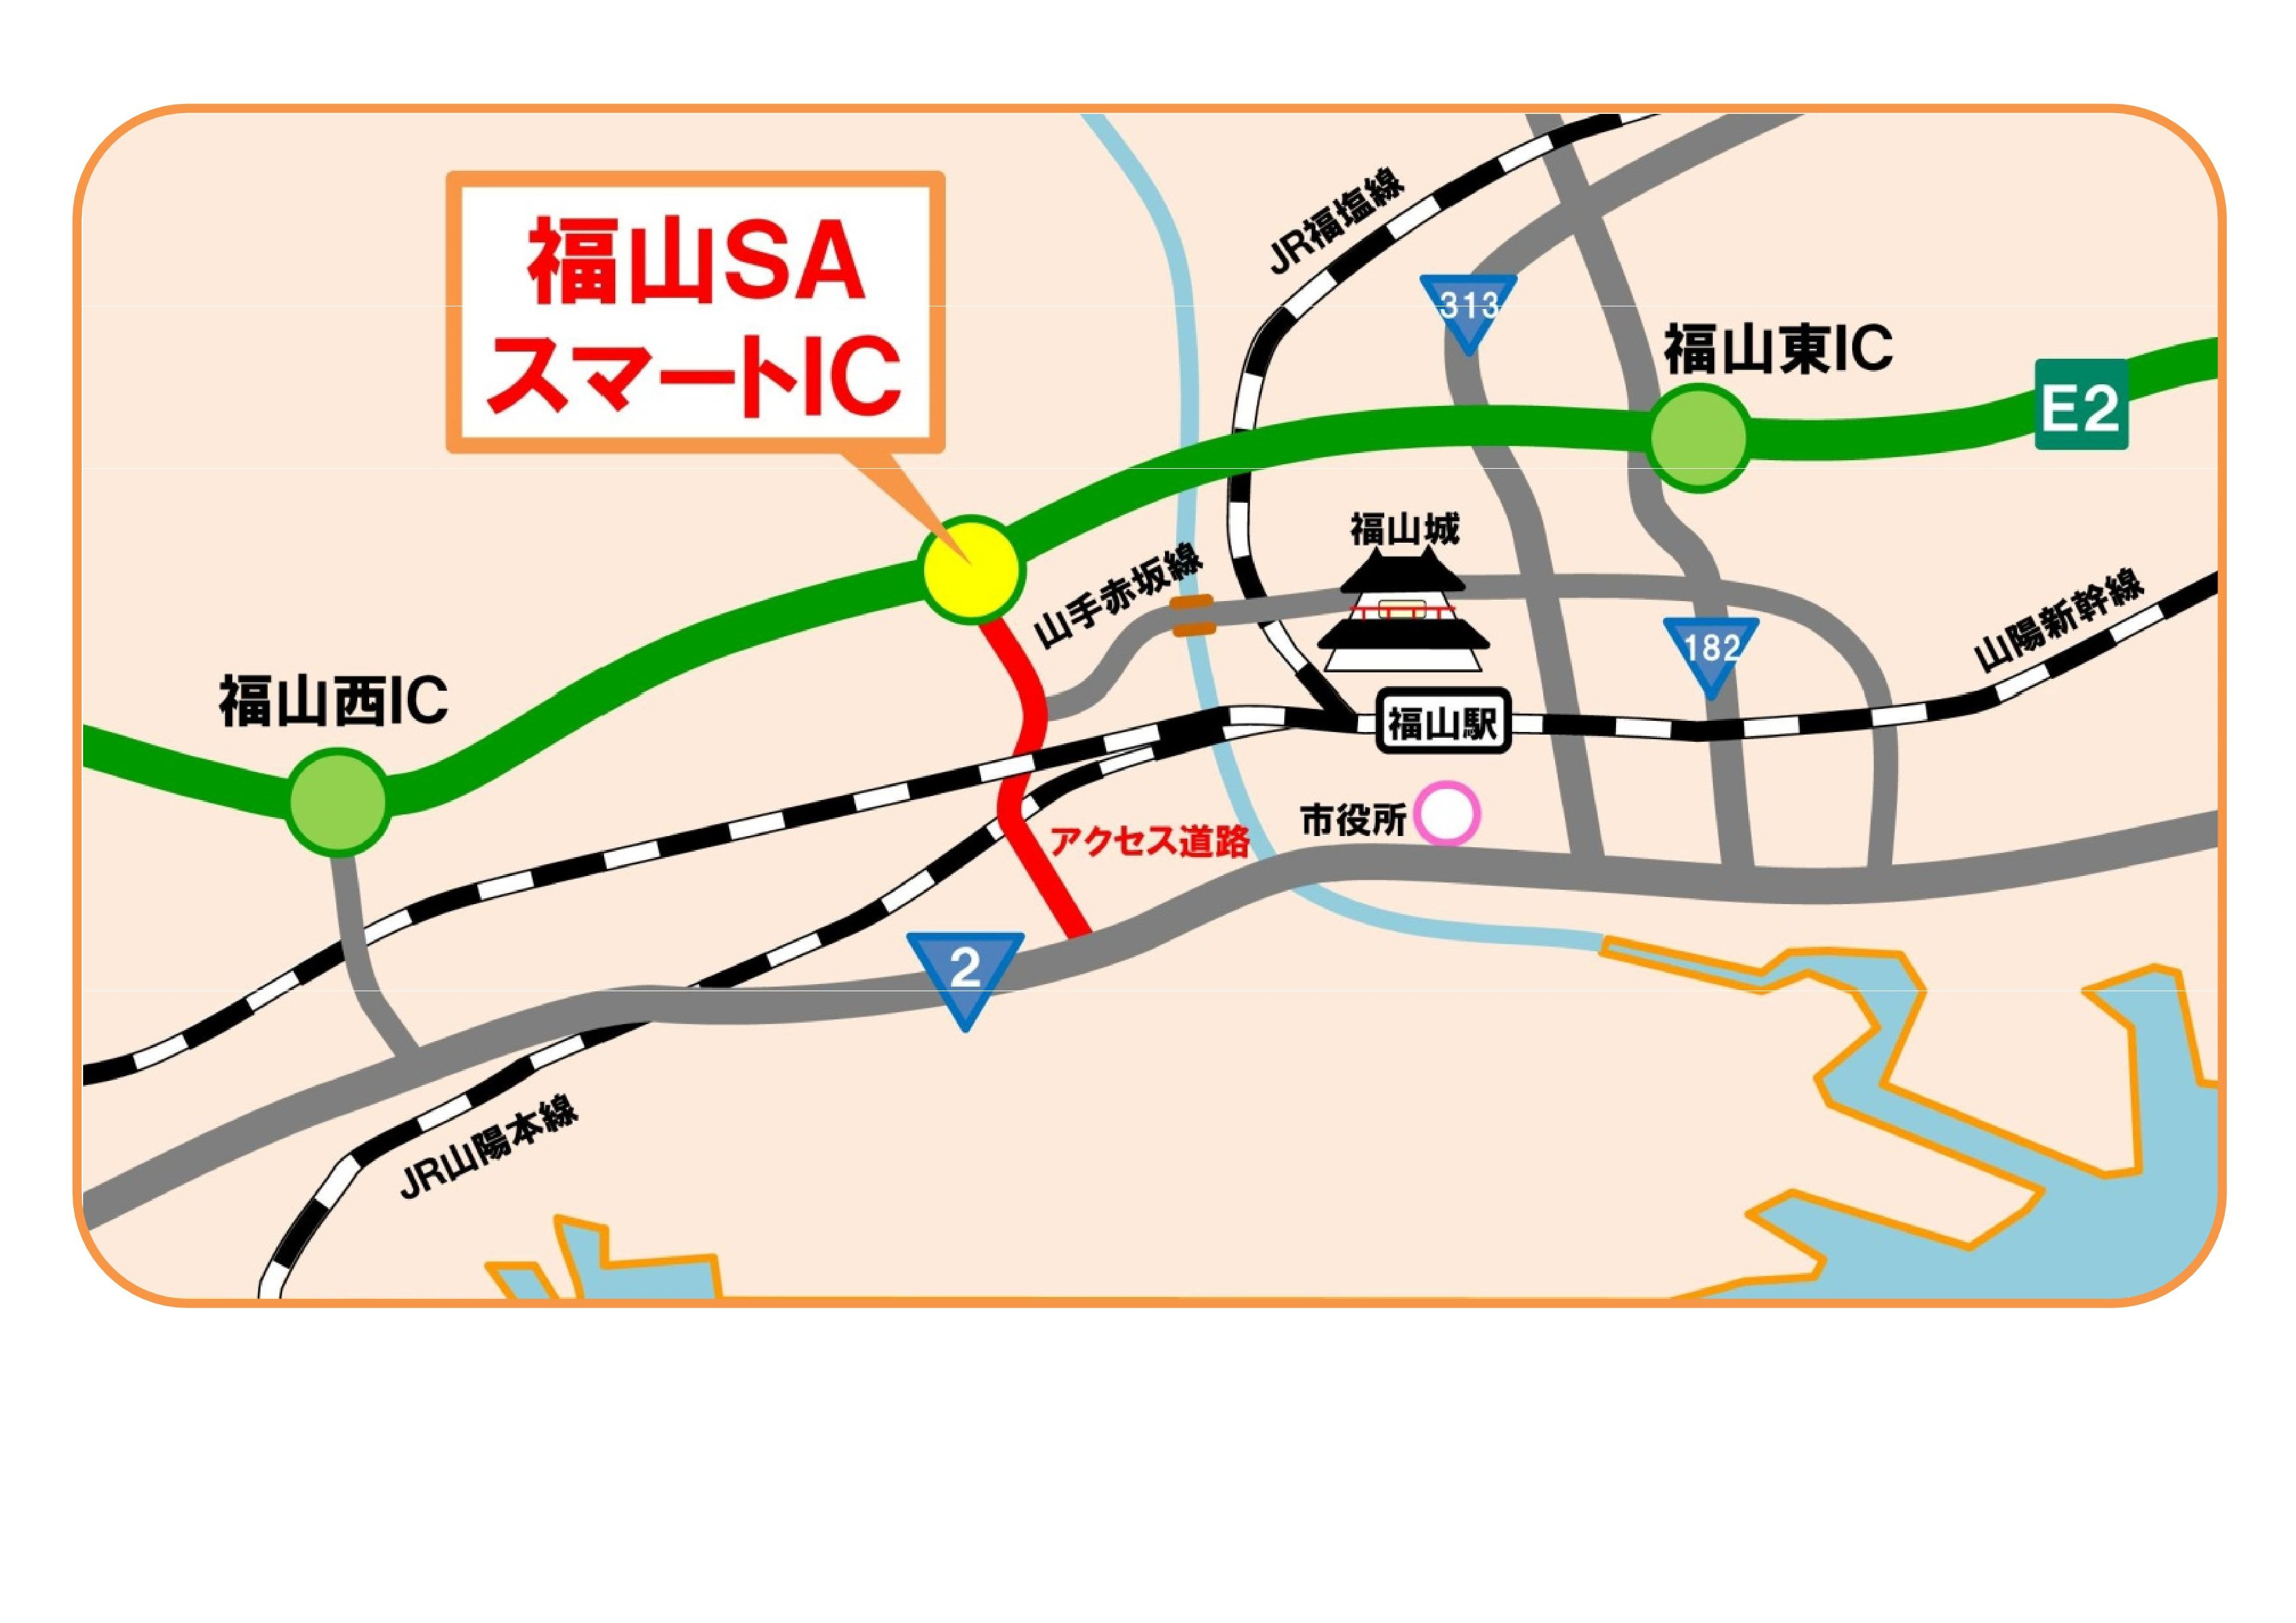 3月31日 福山SAスマートインターチェンジ開通!